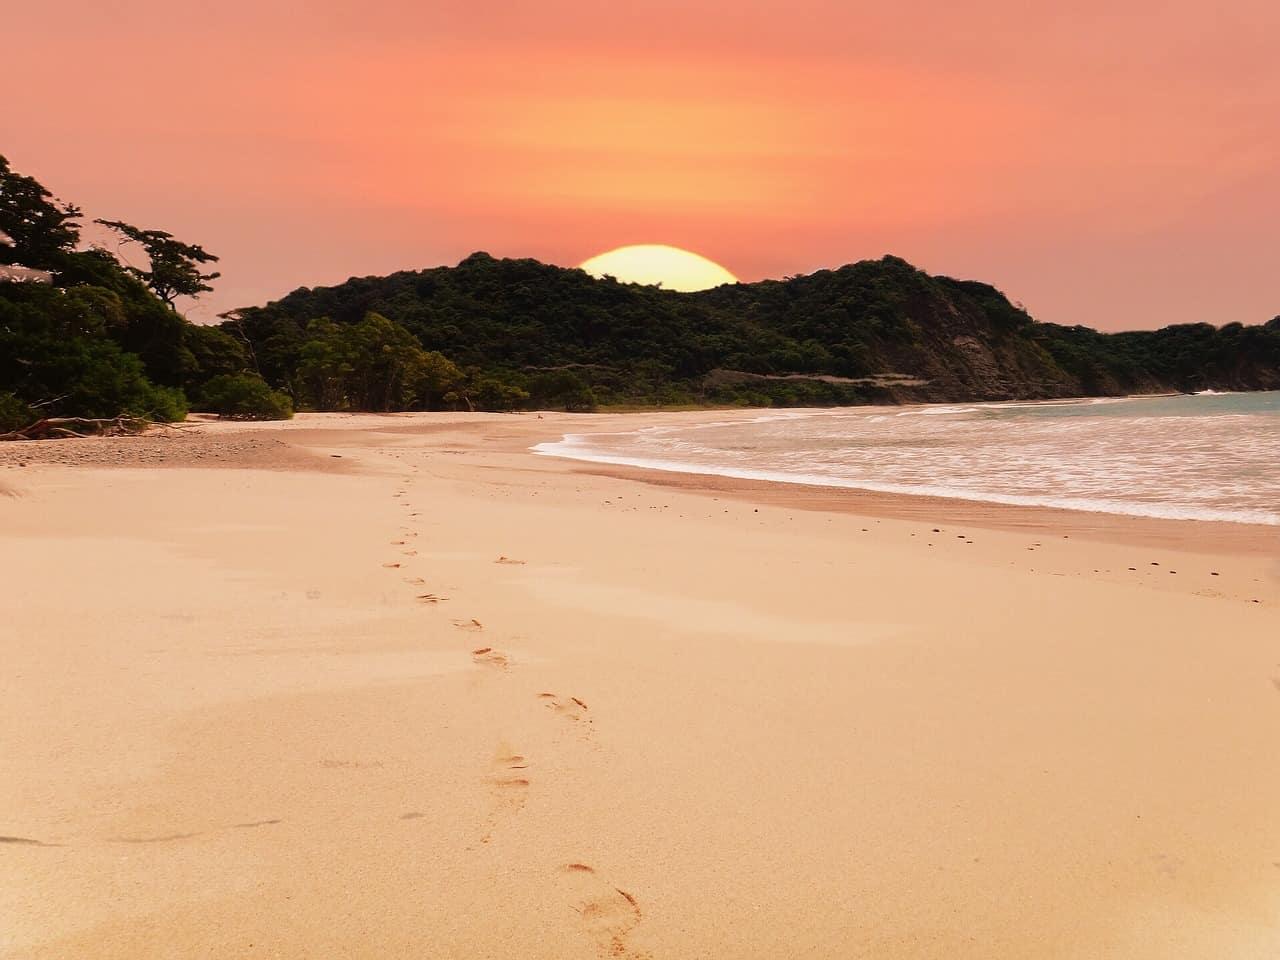 Kostarika aktivno potovanje 6 1